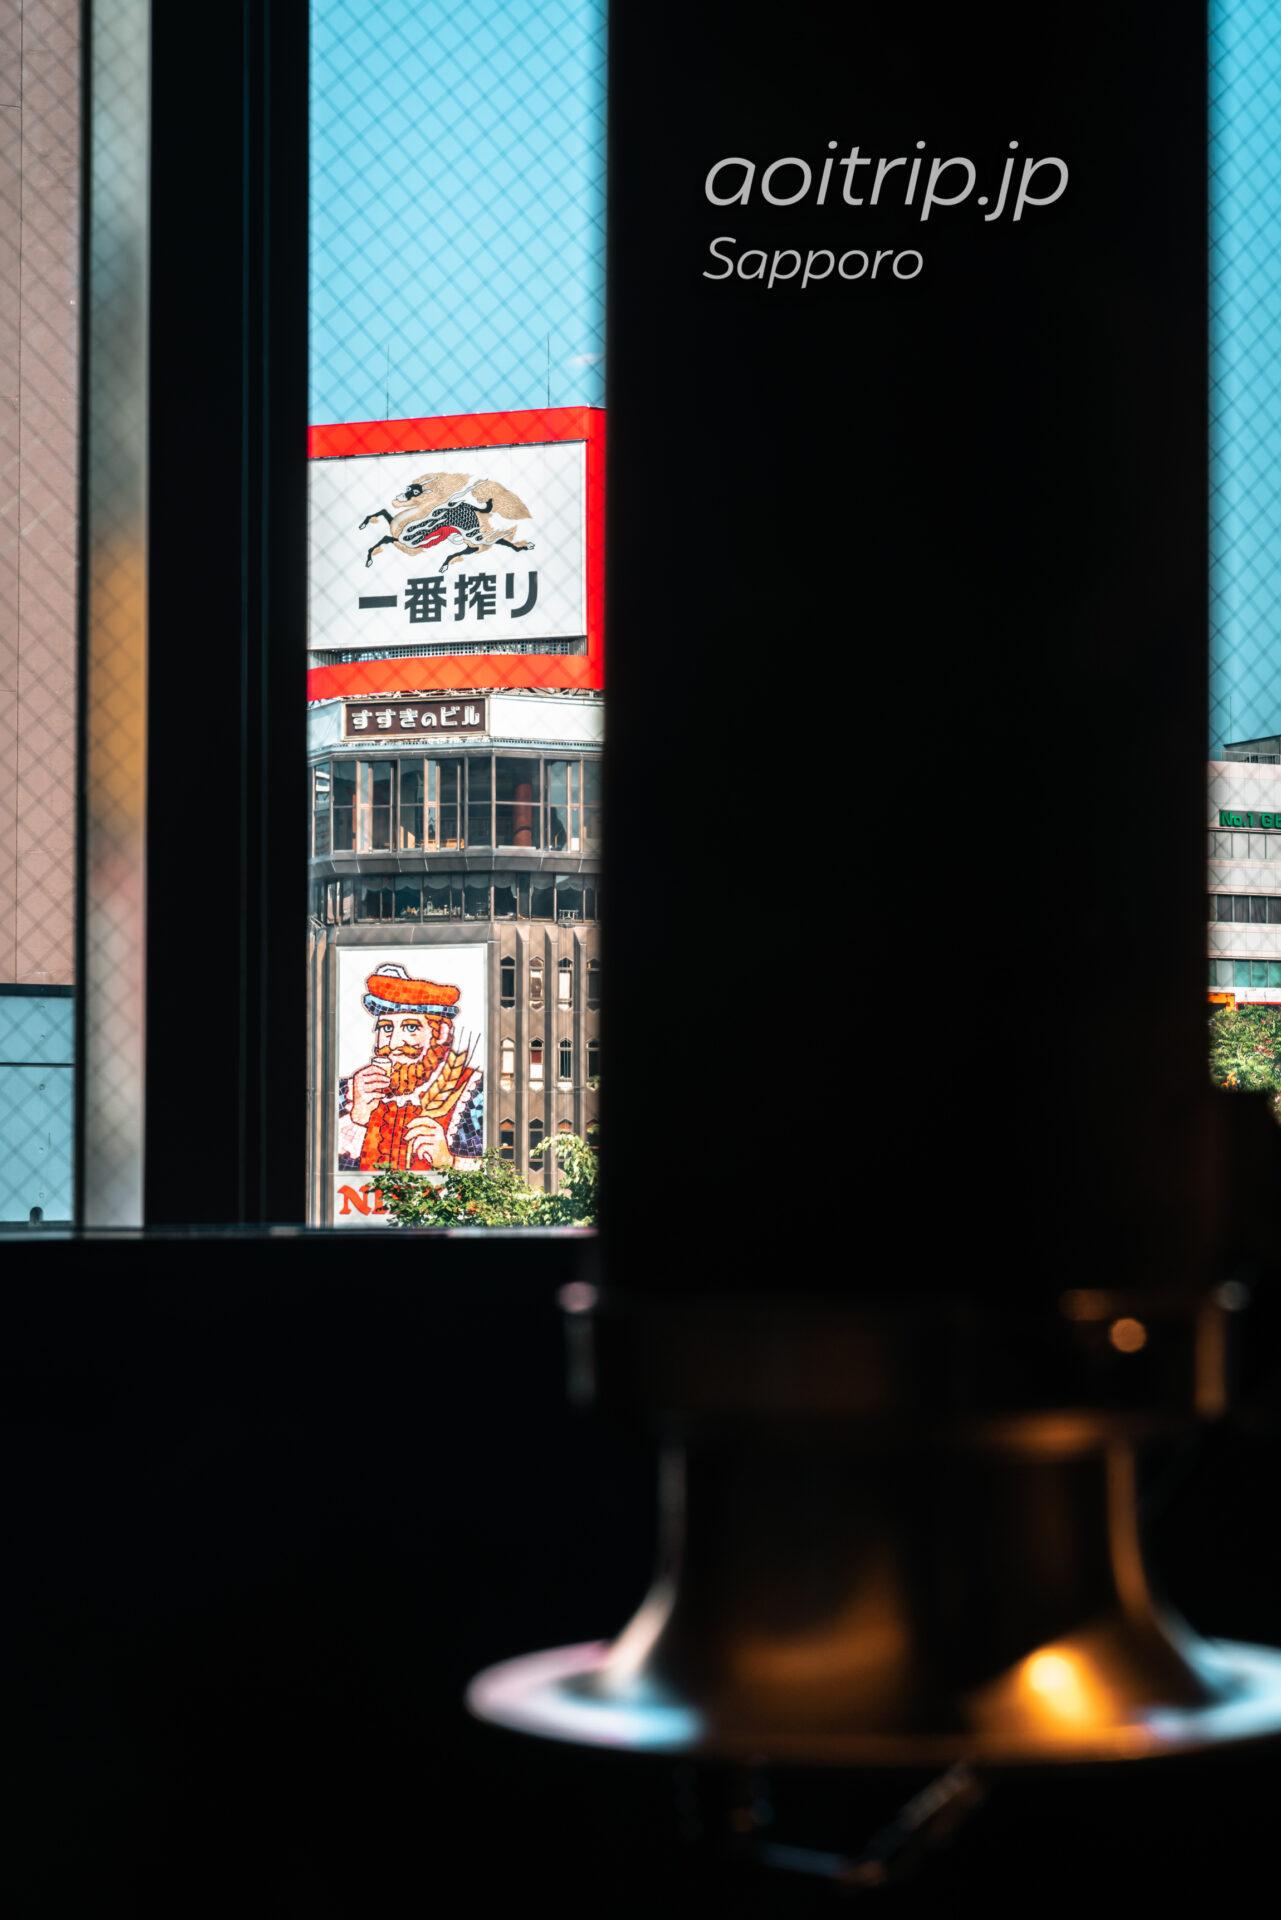 札幌 夜空のジンギスカン Yozora no Genghis Khan, Sapporo 店内からの眺め